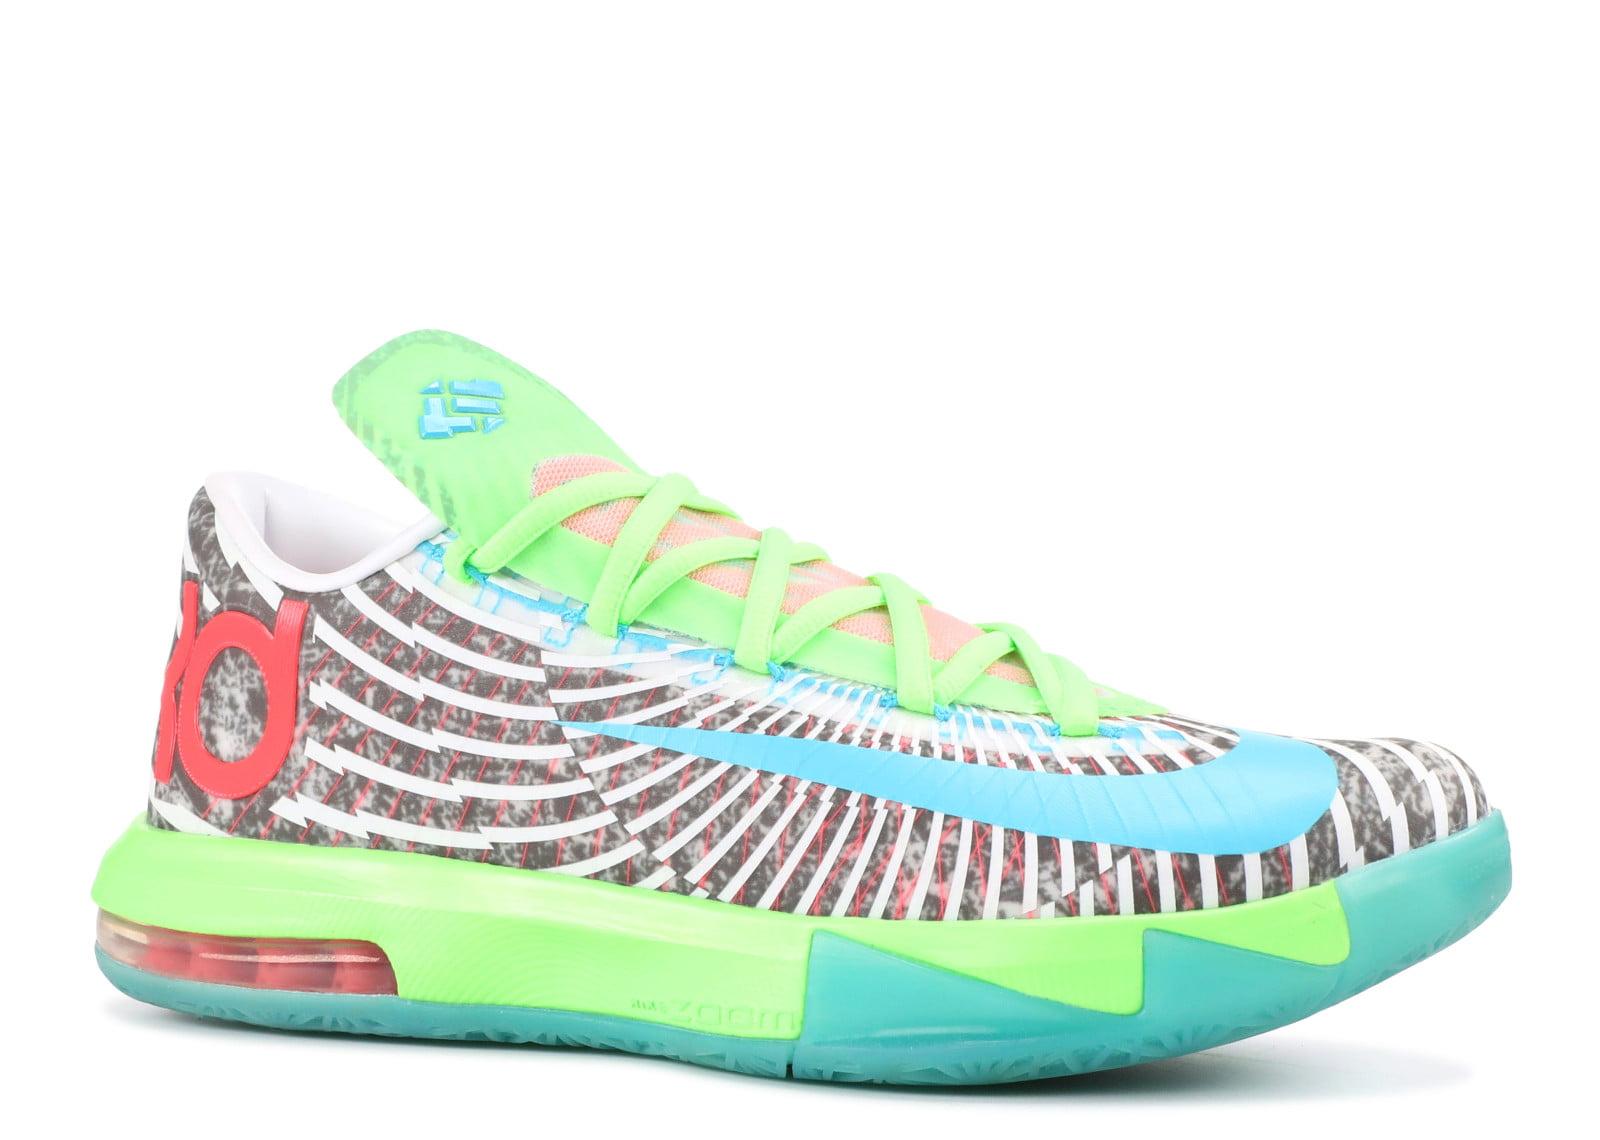 Nike - Men - Kd 6 Supreme 'D.C. Preheat